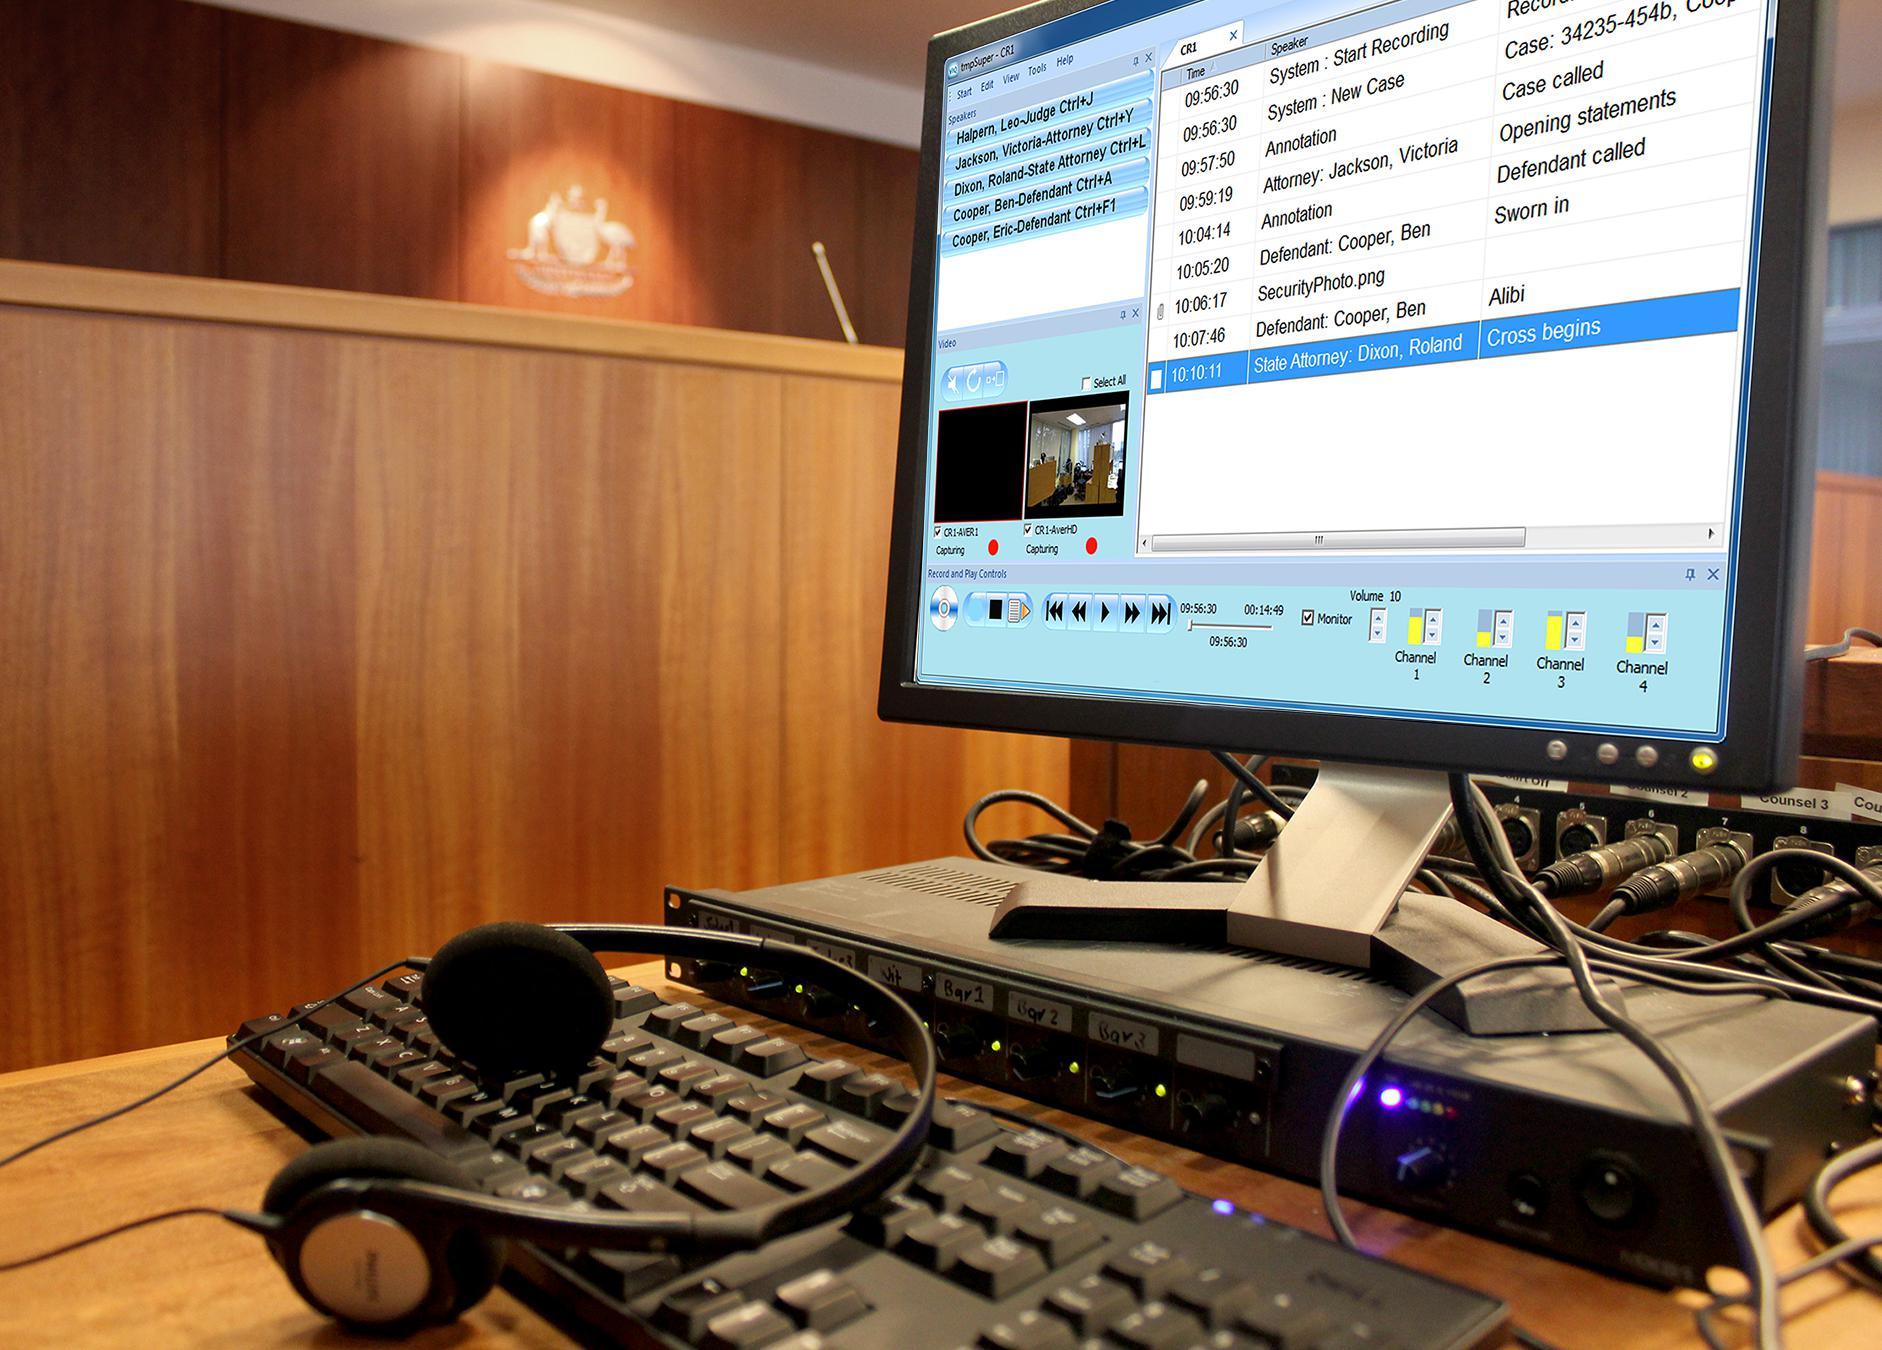 VIQ Satellite software